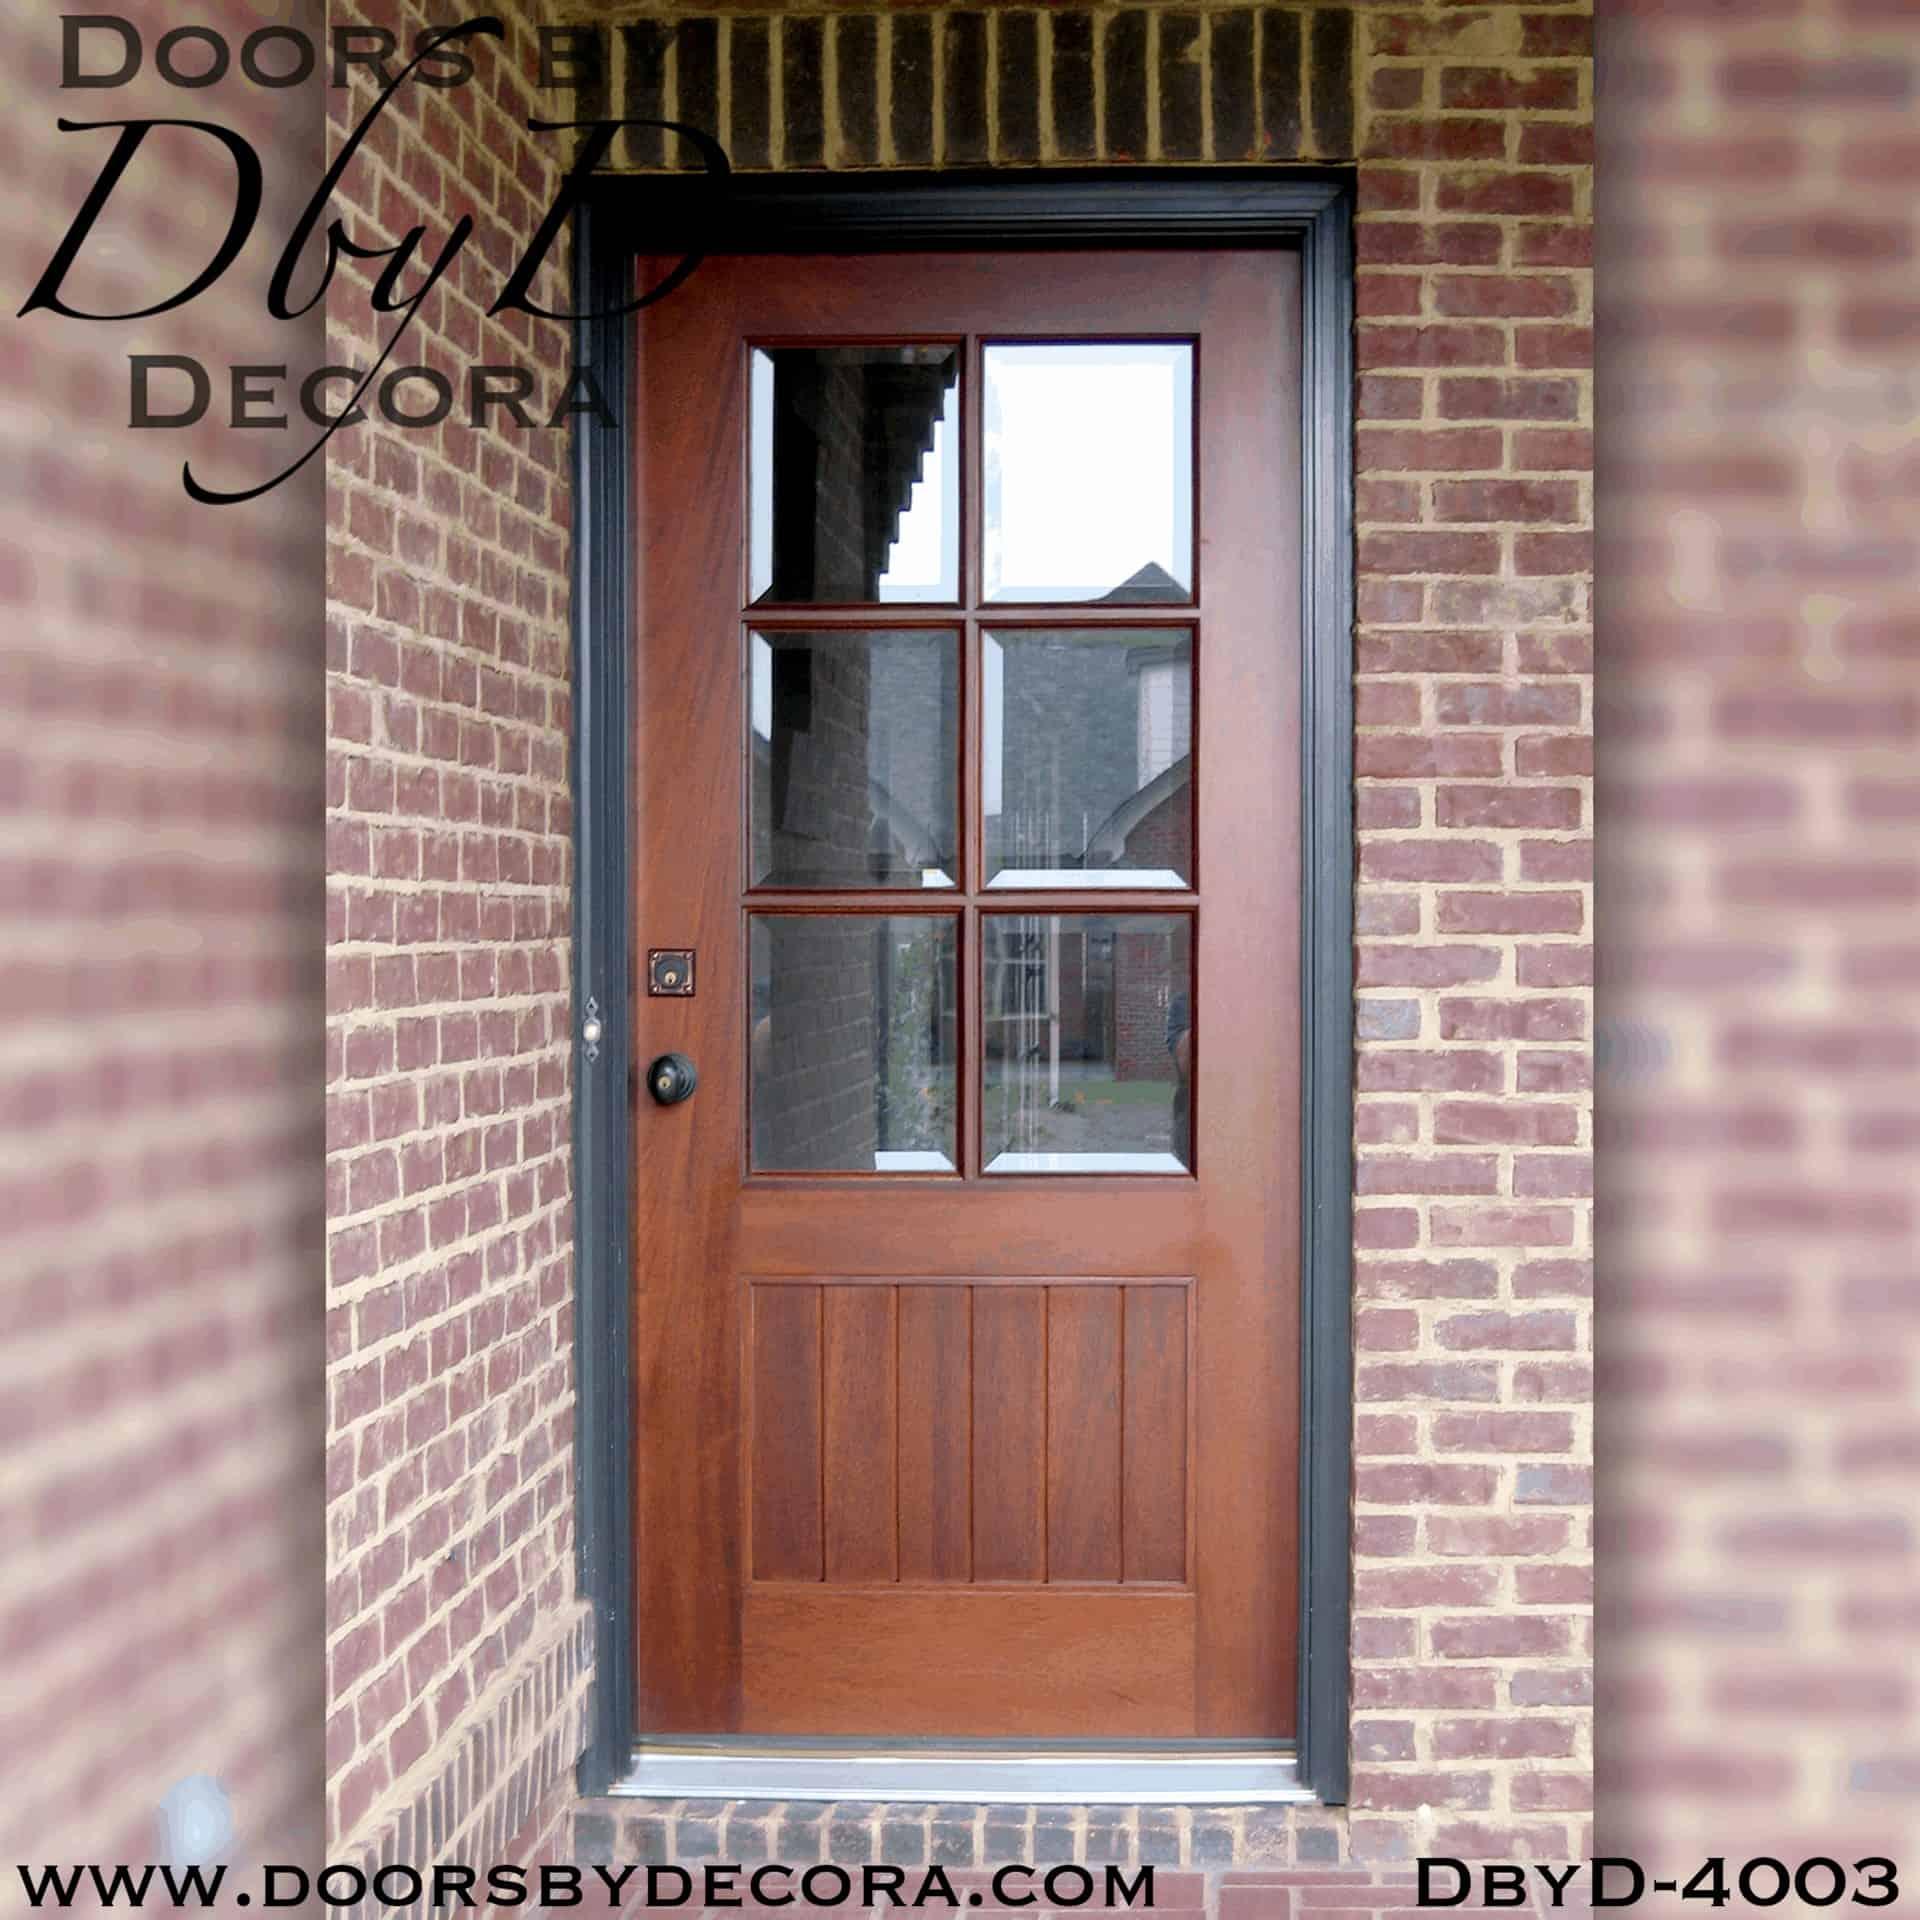 Custom Craftsman Six Lite Door Solid Wood Entry Doors By Decora